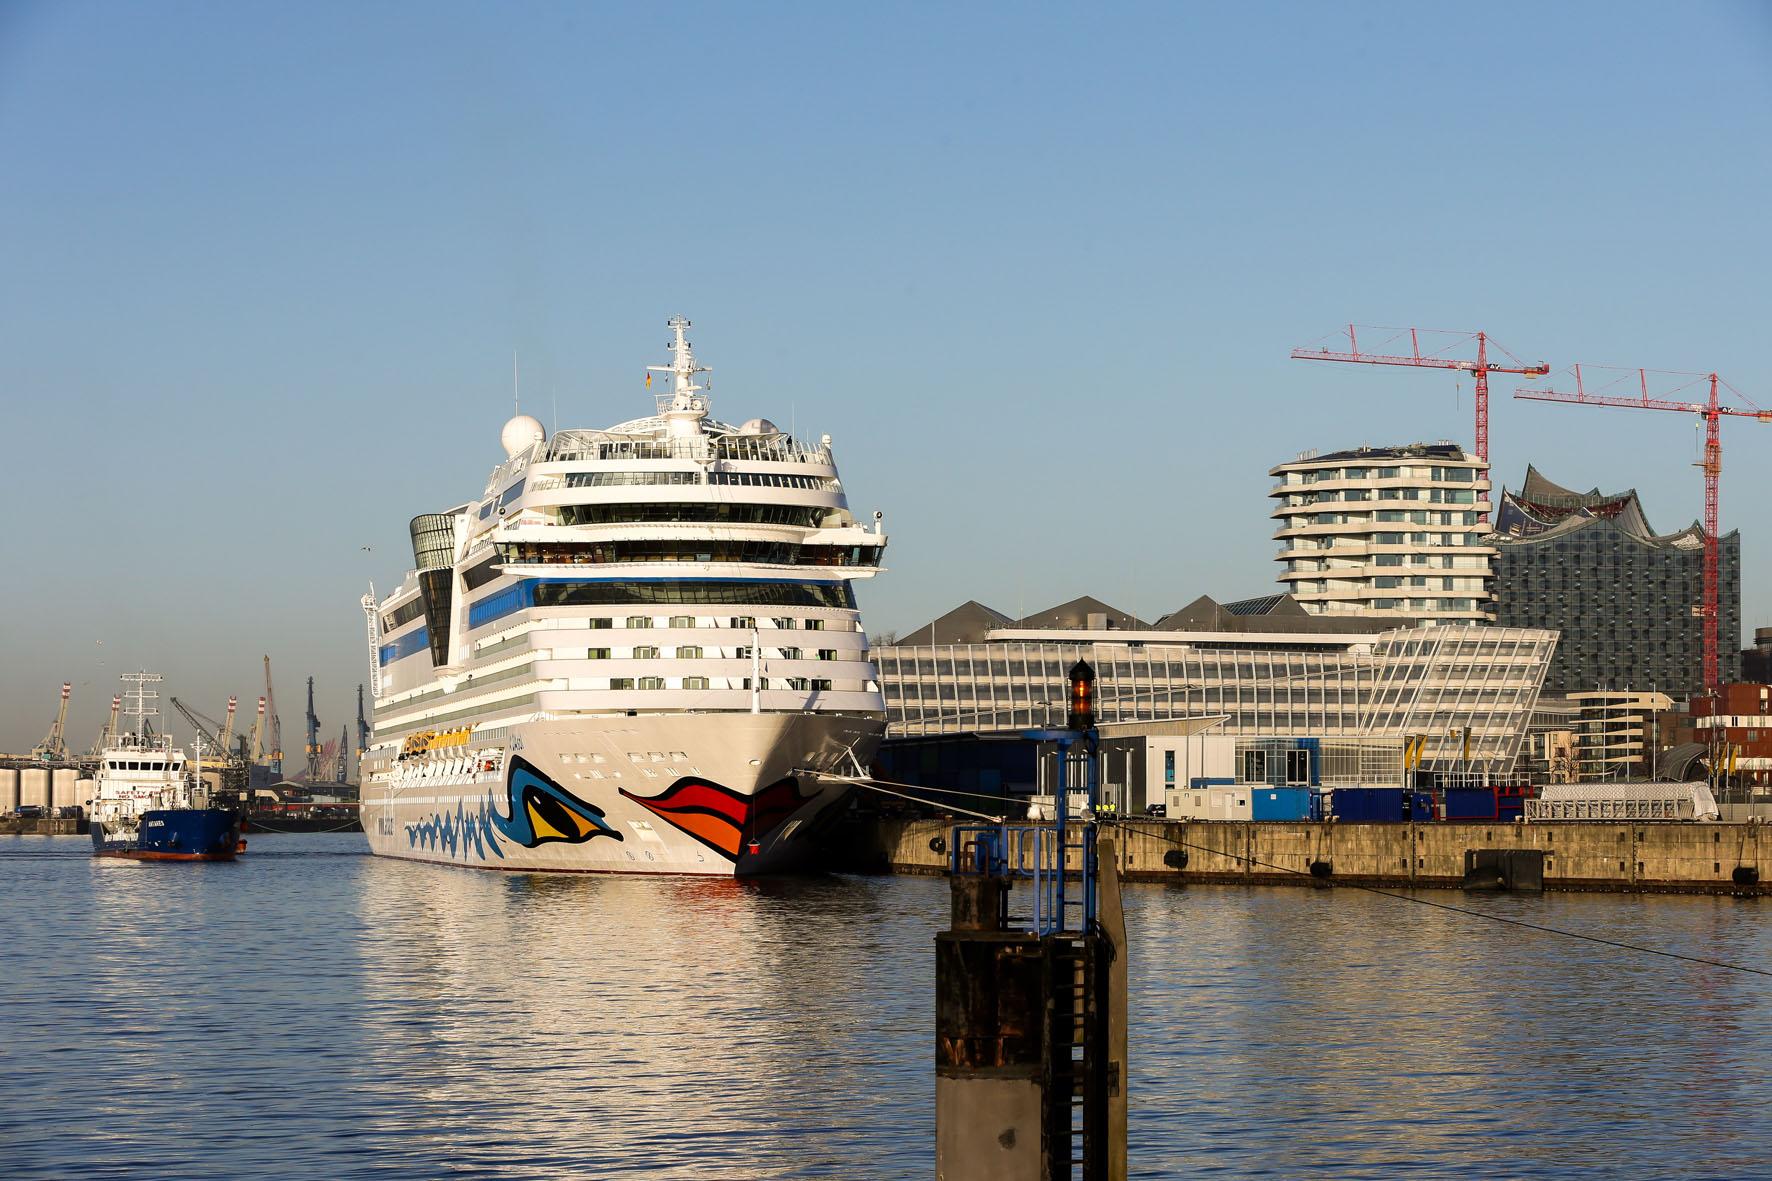 Im Hamburger Hafen startet und endet die siebentägige Kreuzfahrt mit Wohlfühlprogramm.